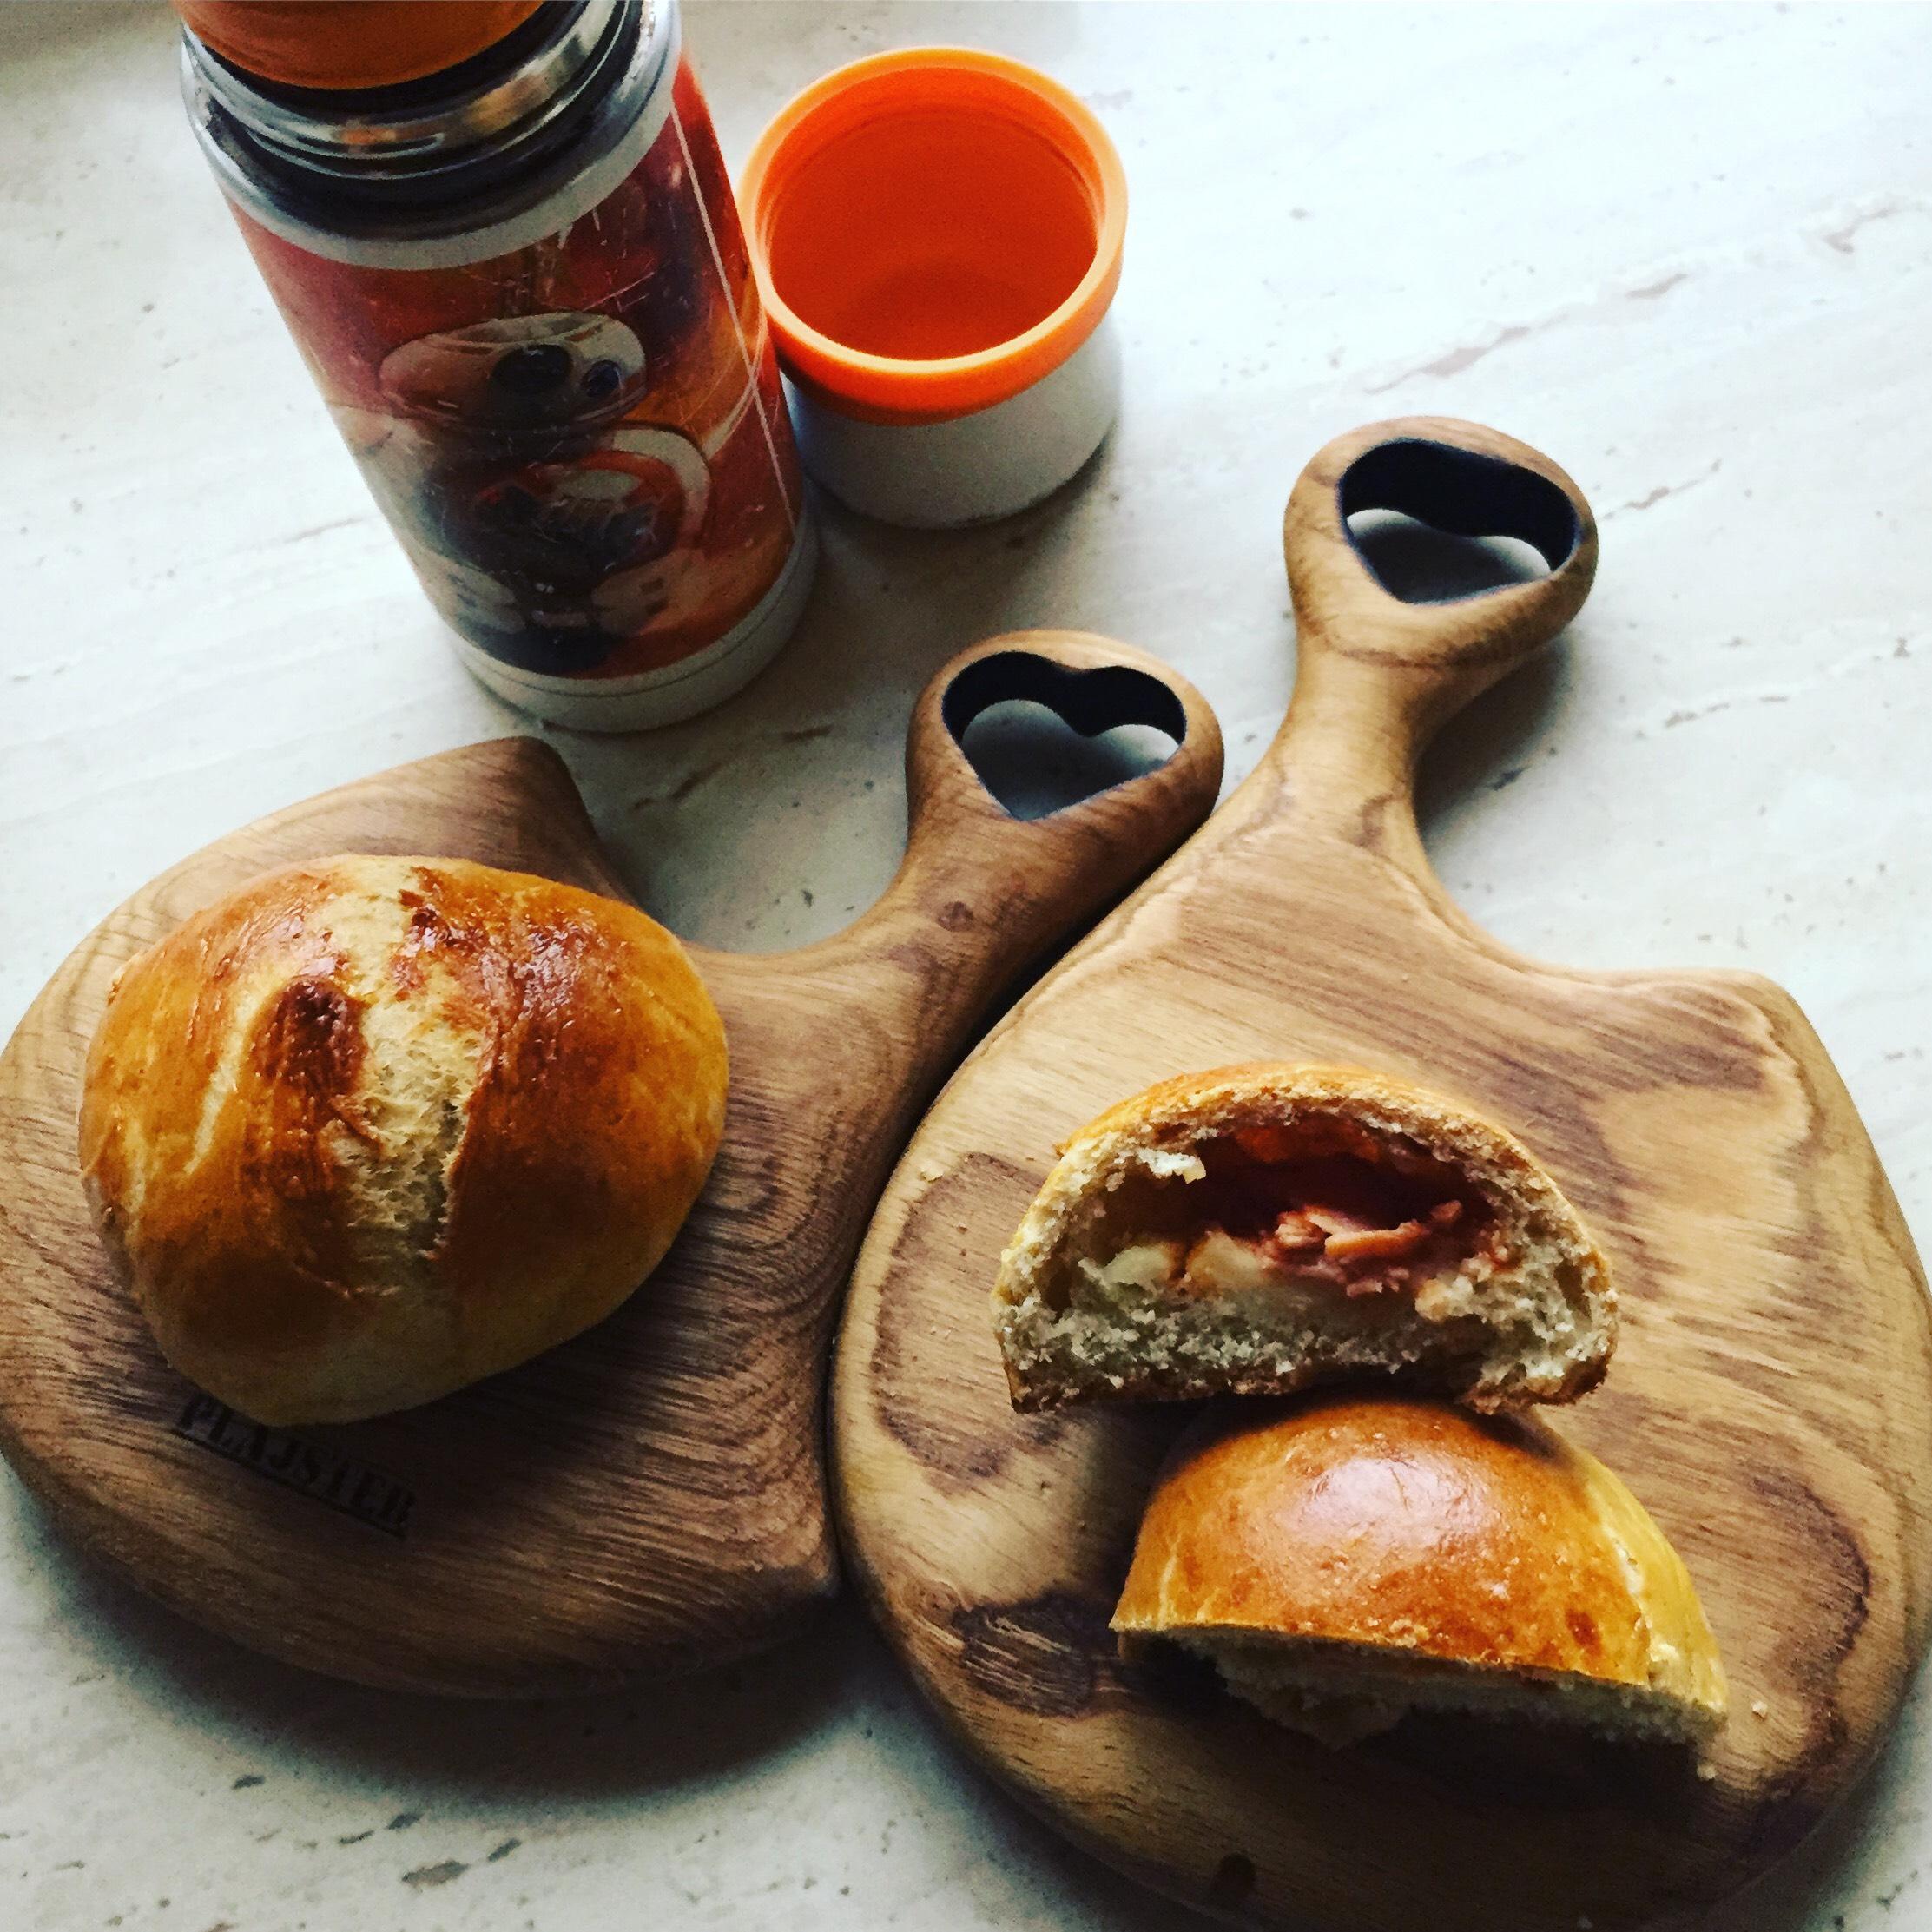 Bułki z szynką i serem - łobuza i spółki